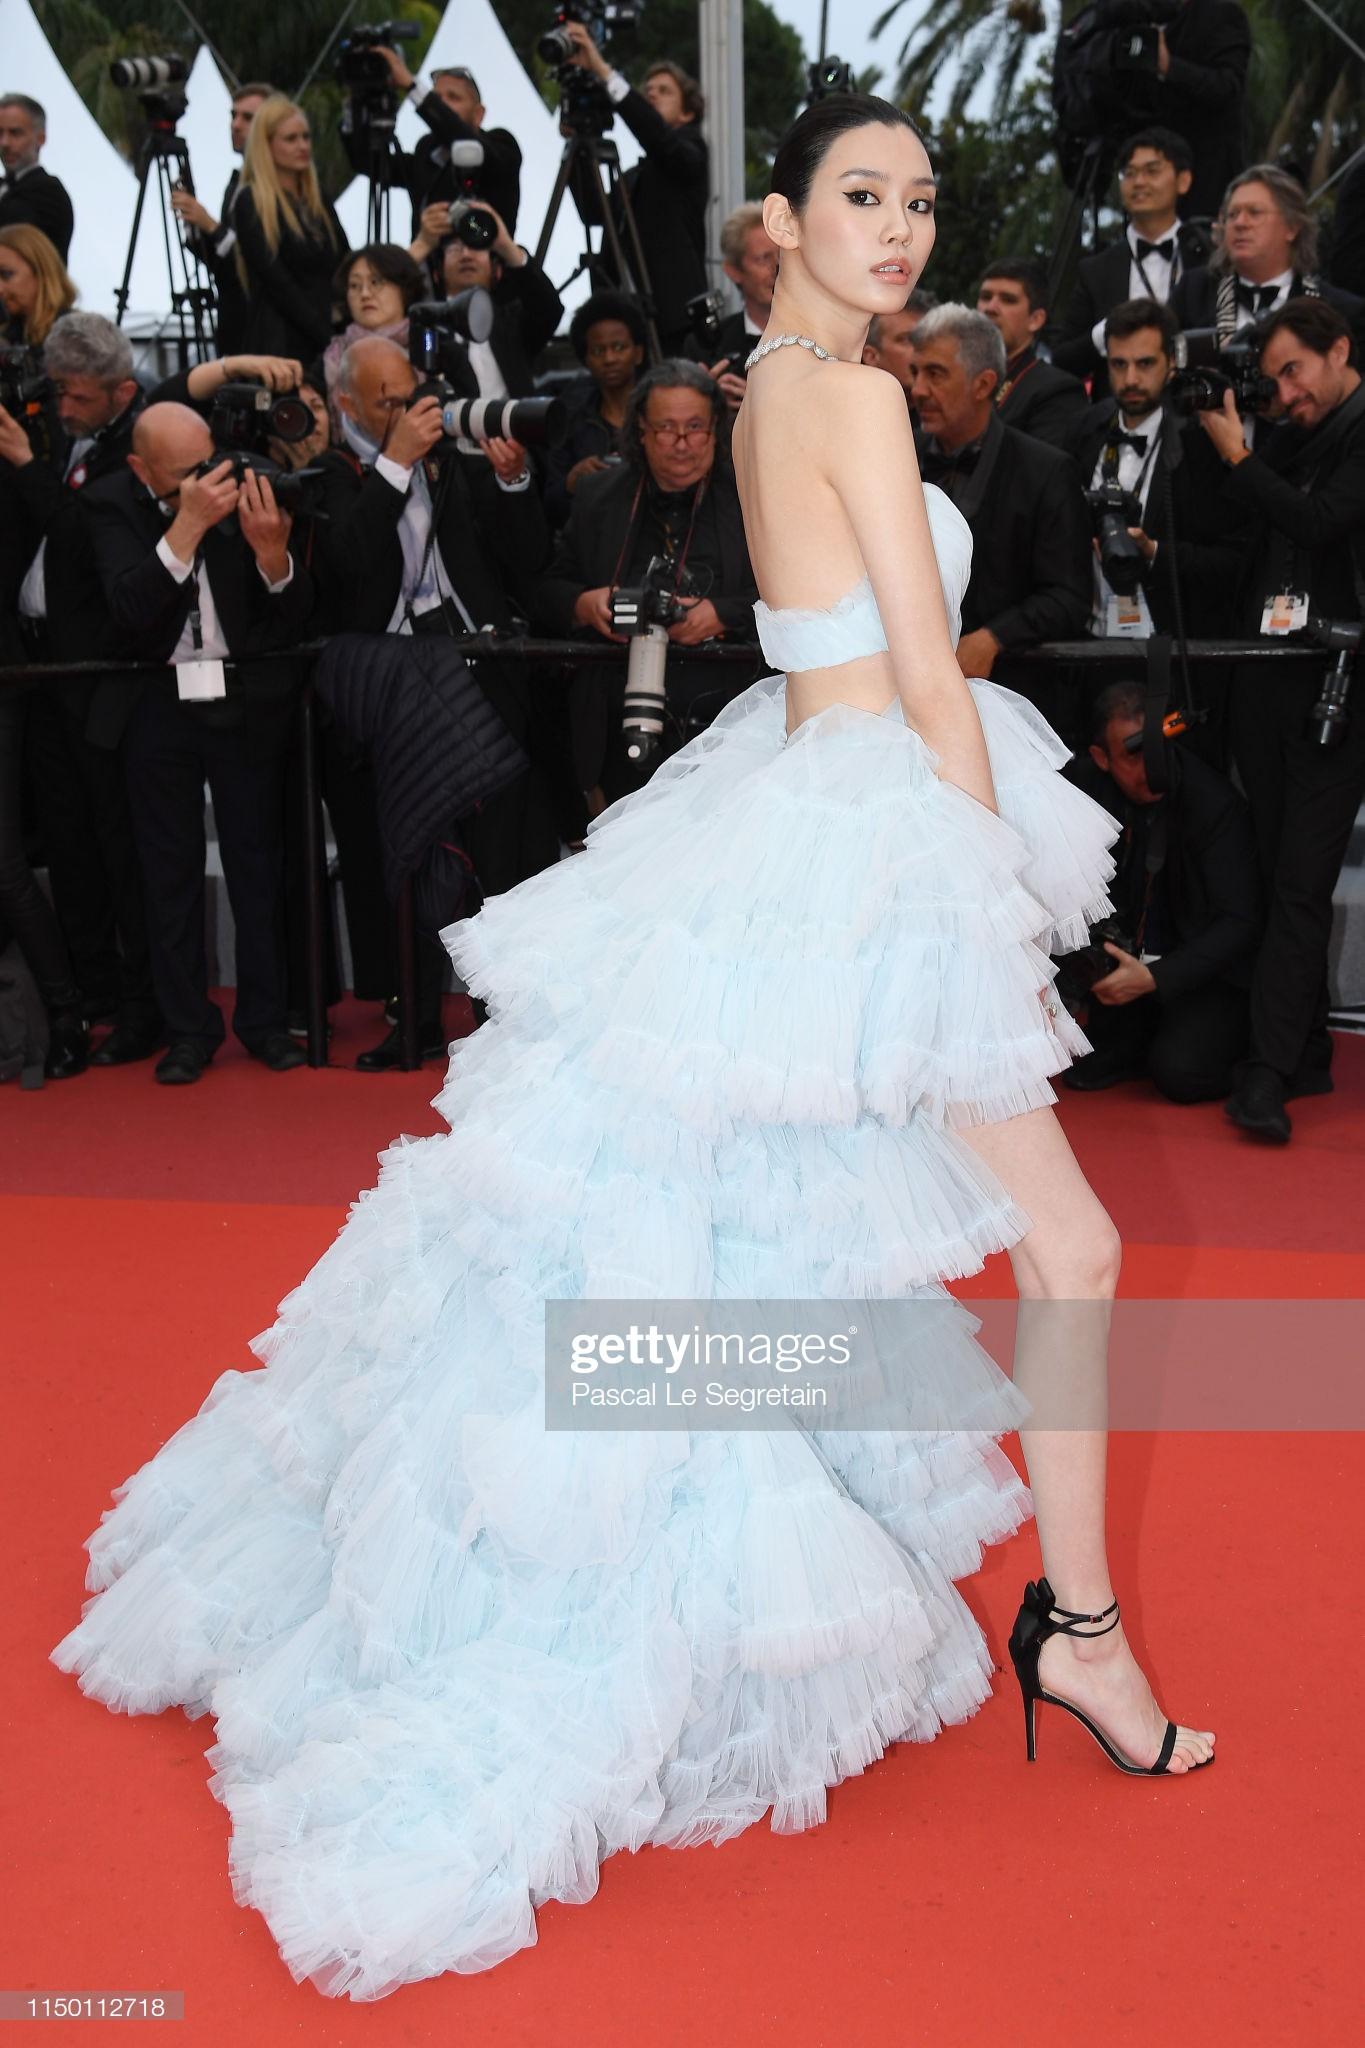 Thảm đỏ Cannes nhường spotlight cho Nick Jonas cung phụng Hoa hậu, Sui He gây sốc như không mặc gì - Ảnh 16.